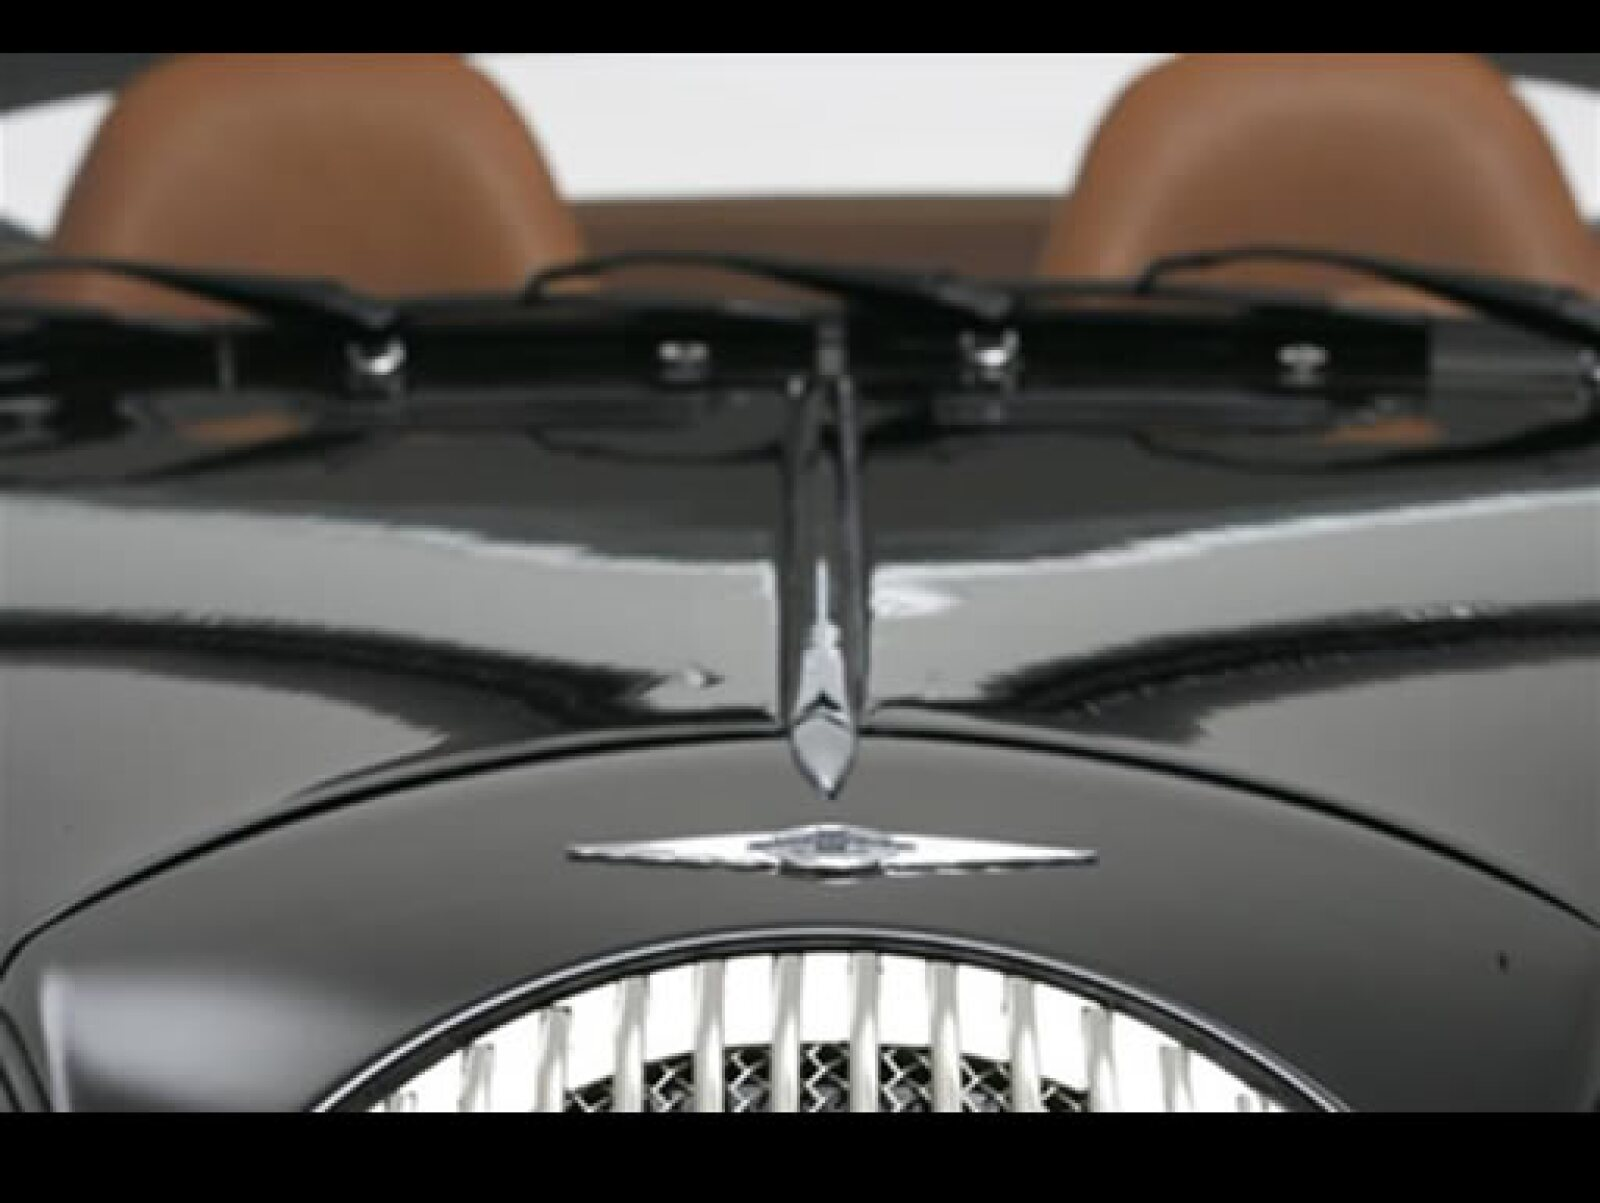 Según Charles Morgan, el nieto del fundador de la marca, El Aero SuperSports es un flamante vehículo deportivo de lujo que también sigue siendo fiel a la filosofía de la marca, ligero, sencillo y minimalista.